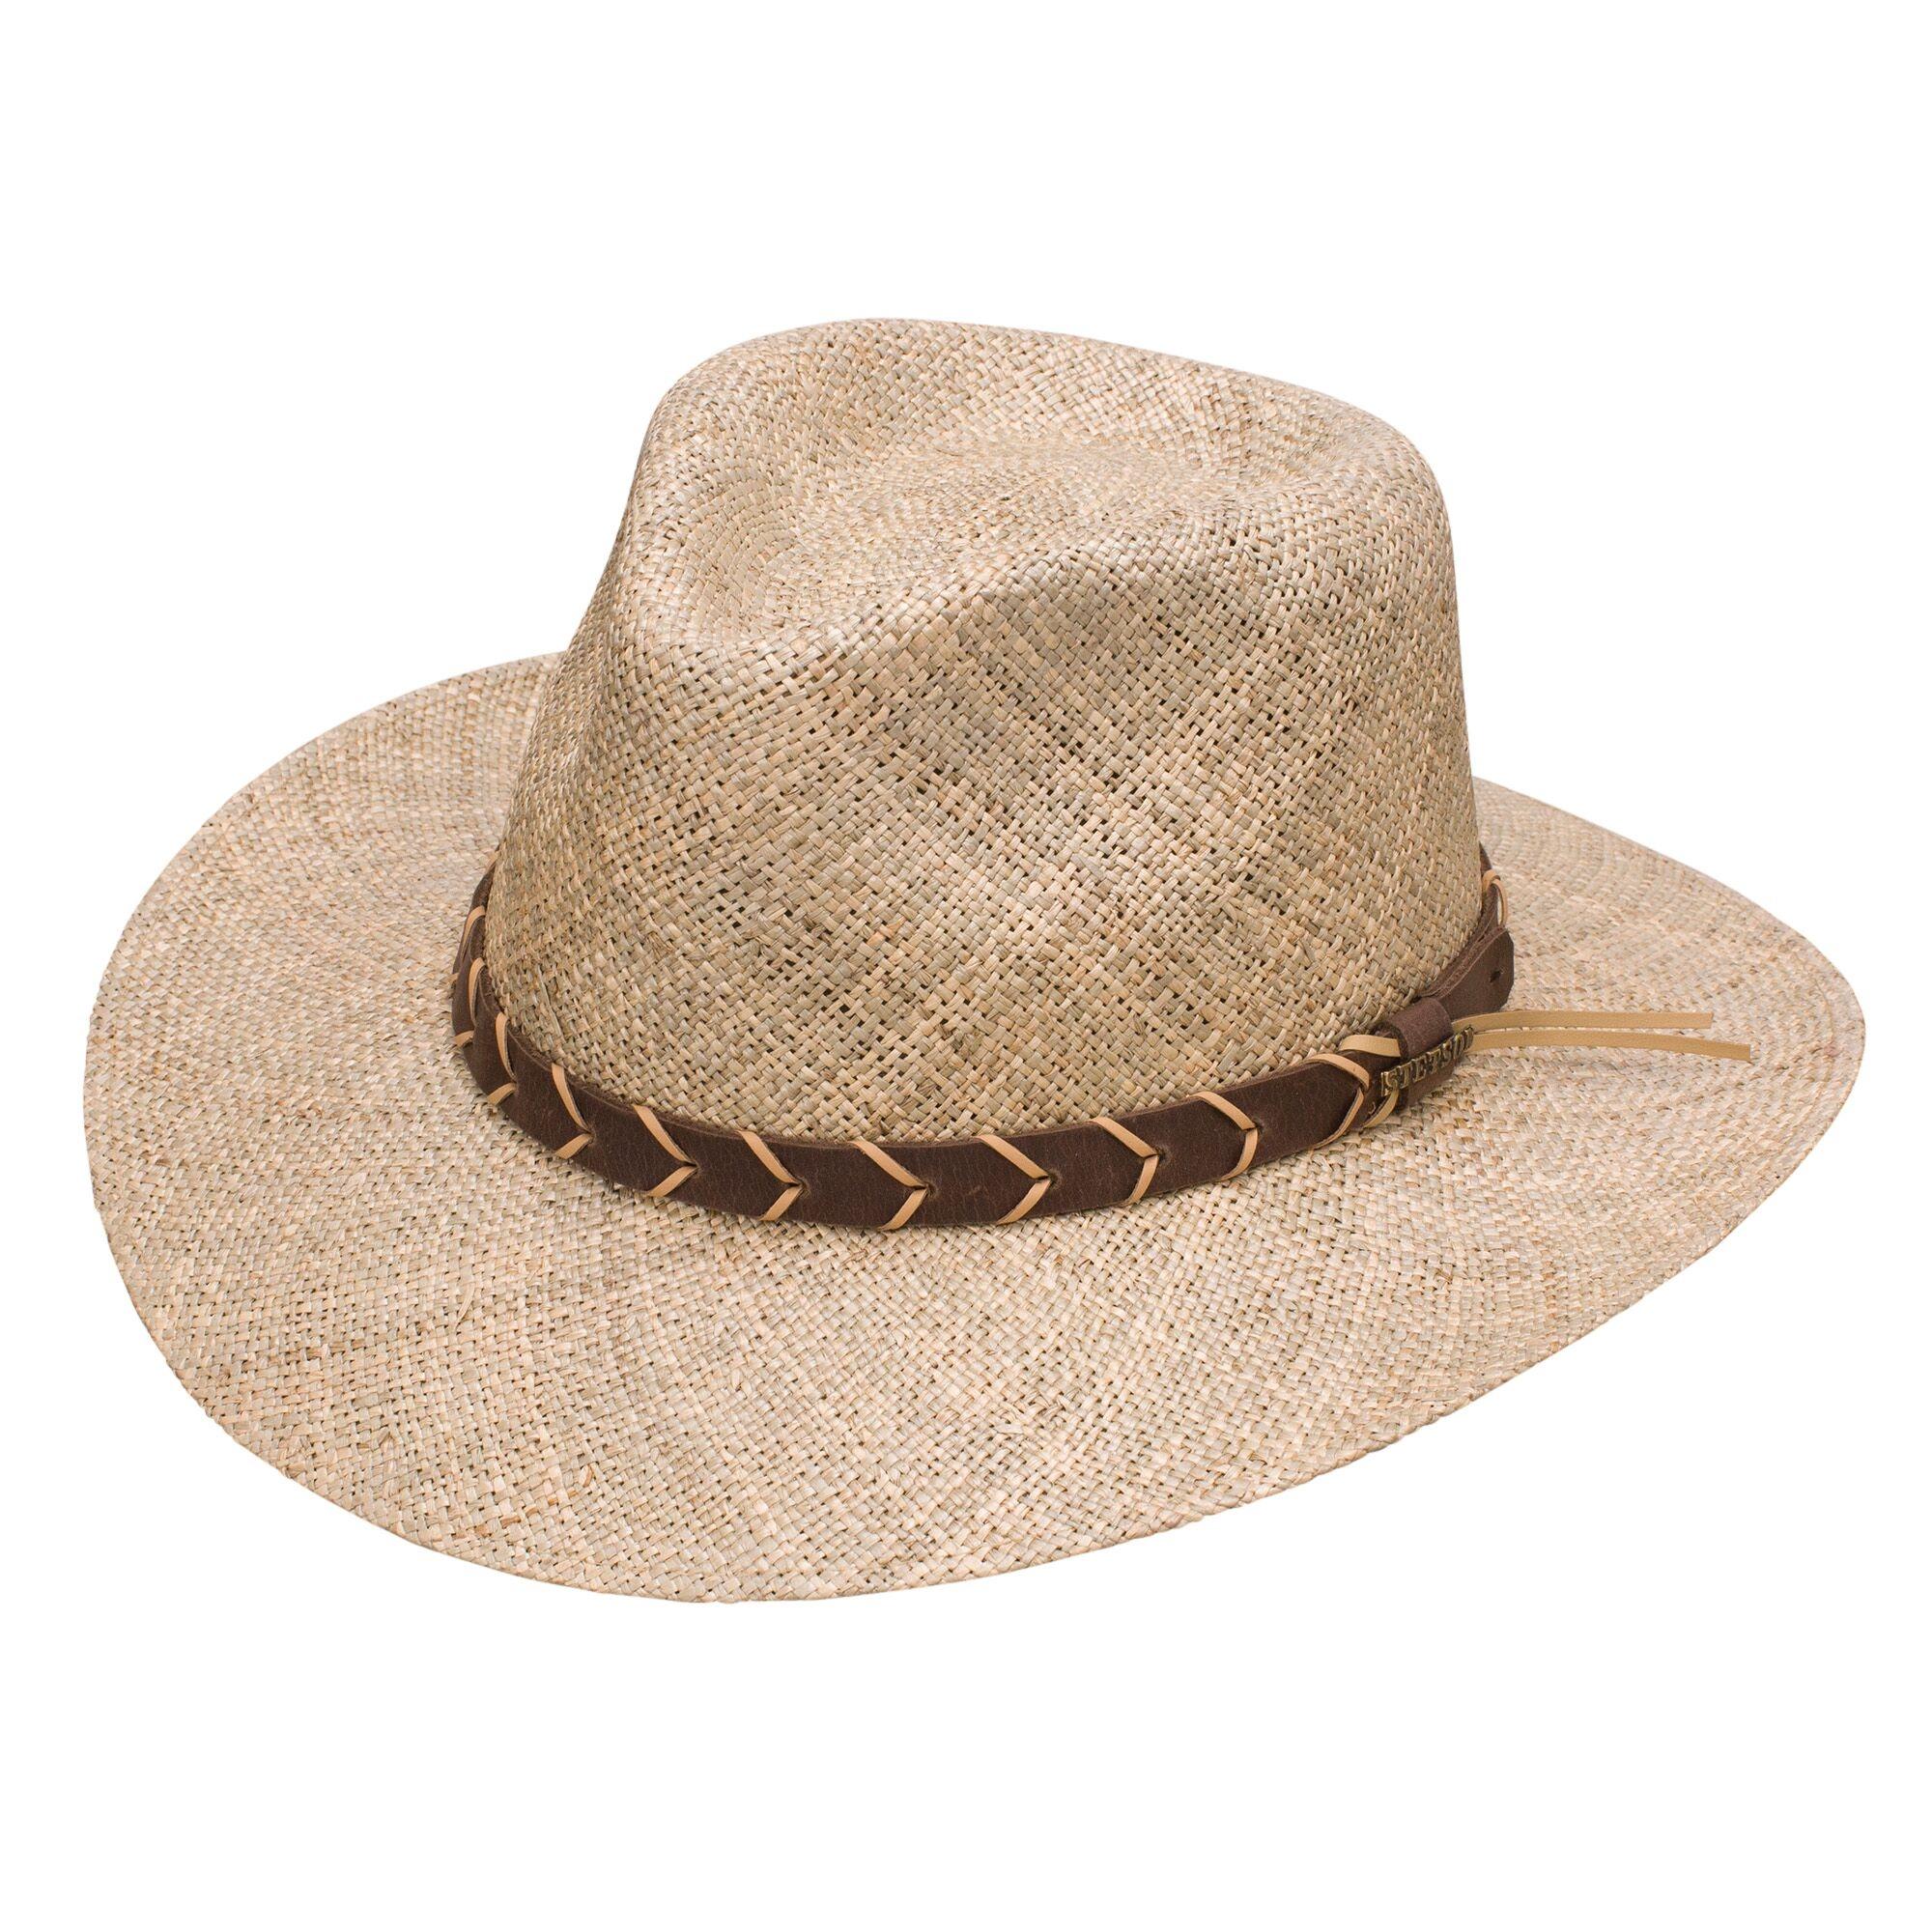 Stetson Alder - Straw Outdoor Hat